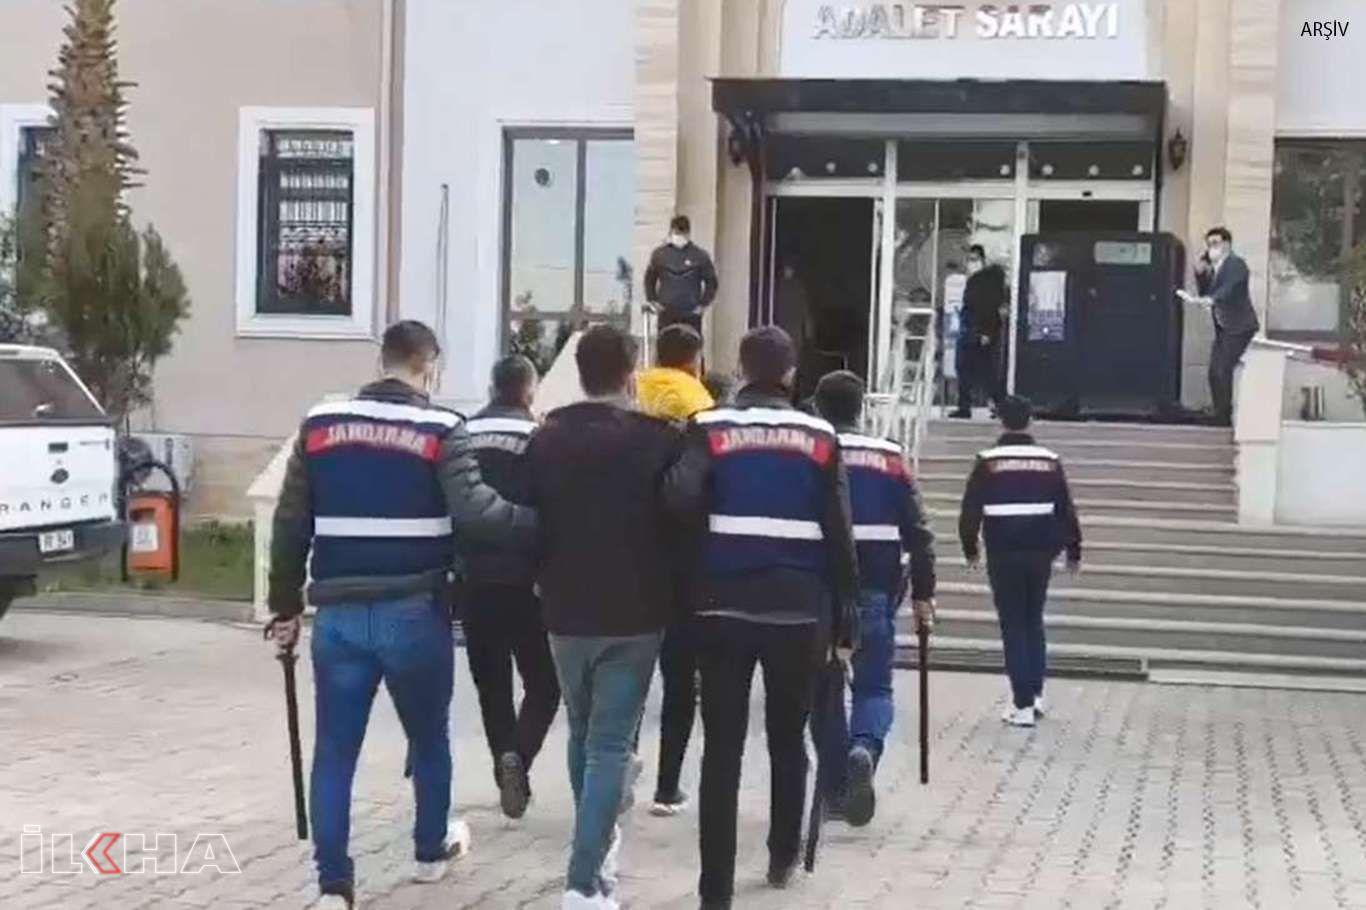 Belediyeye ait malzemeleri çalmaya çalışan 6 kişi suçüstü yakalandı